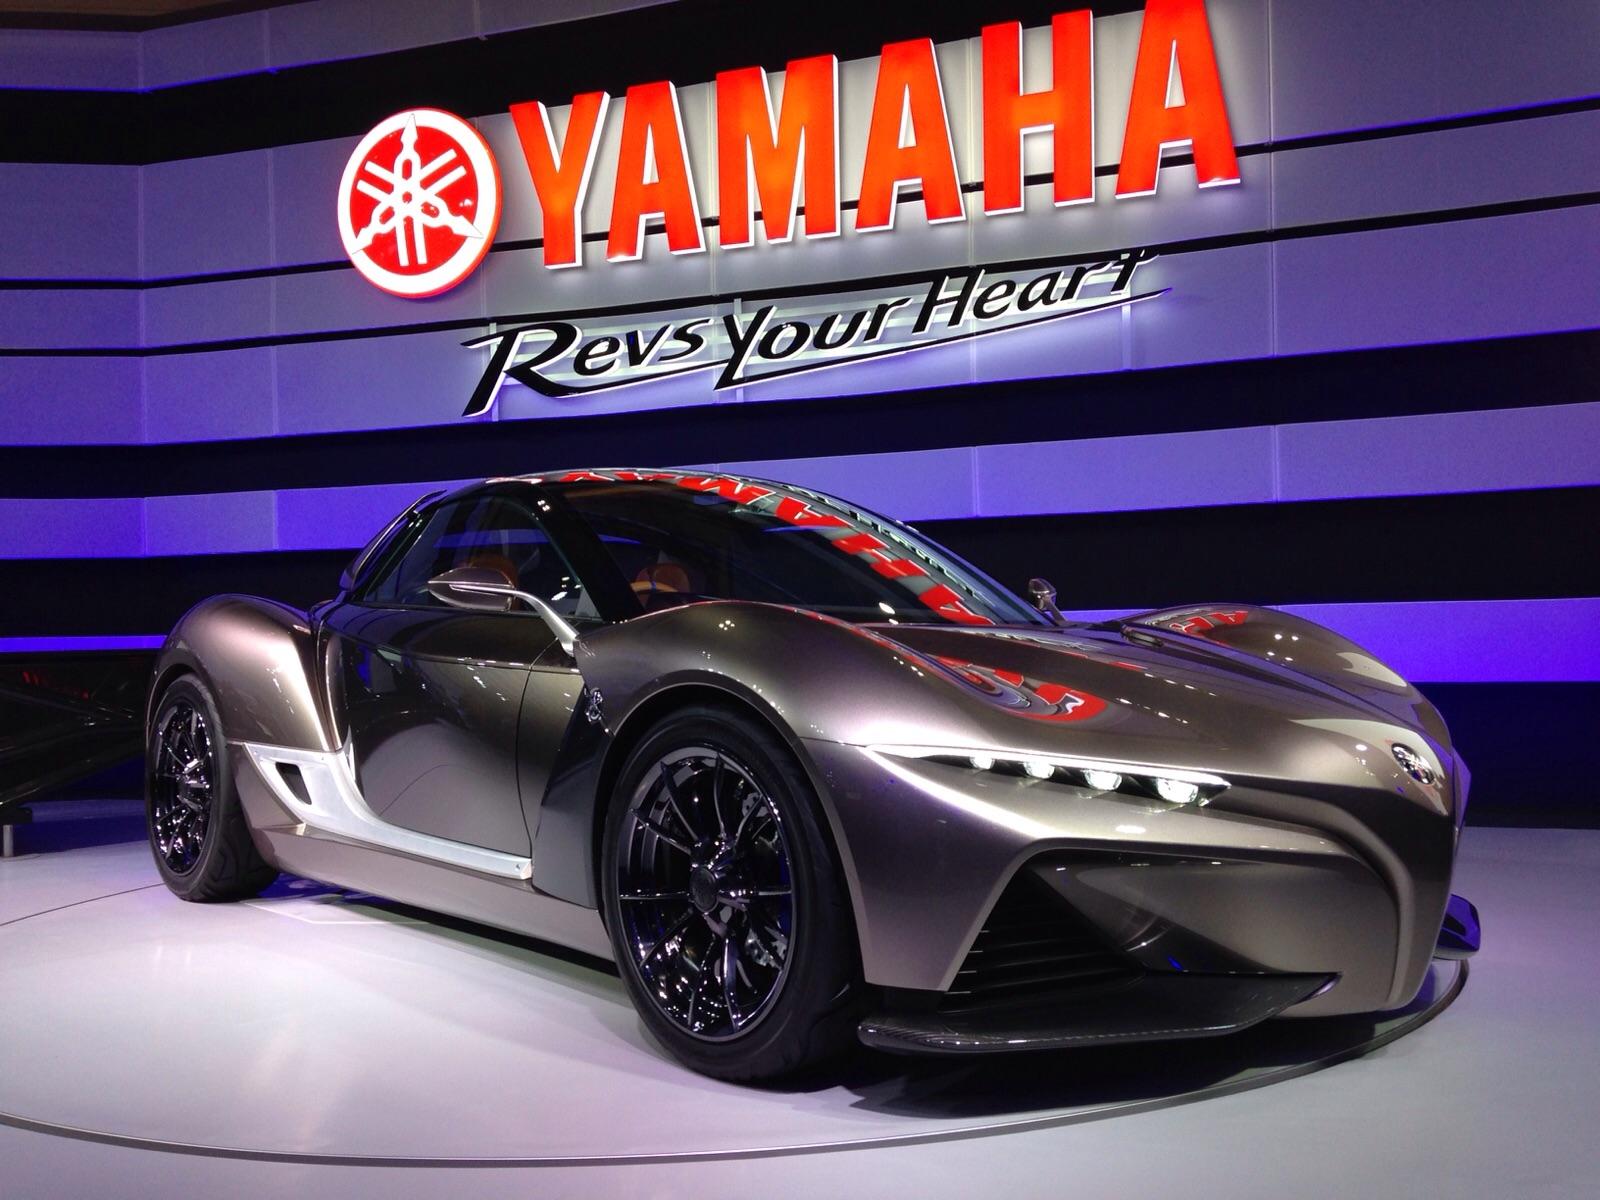 Yamaha carro da yamaha motor show sports ride concept proposta de esportivo leve da yamaha reheart Choice Image